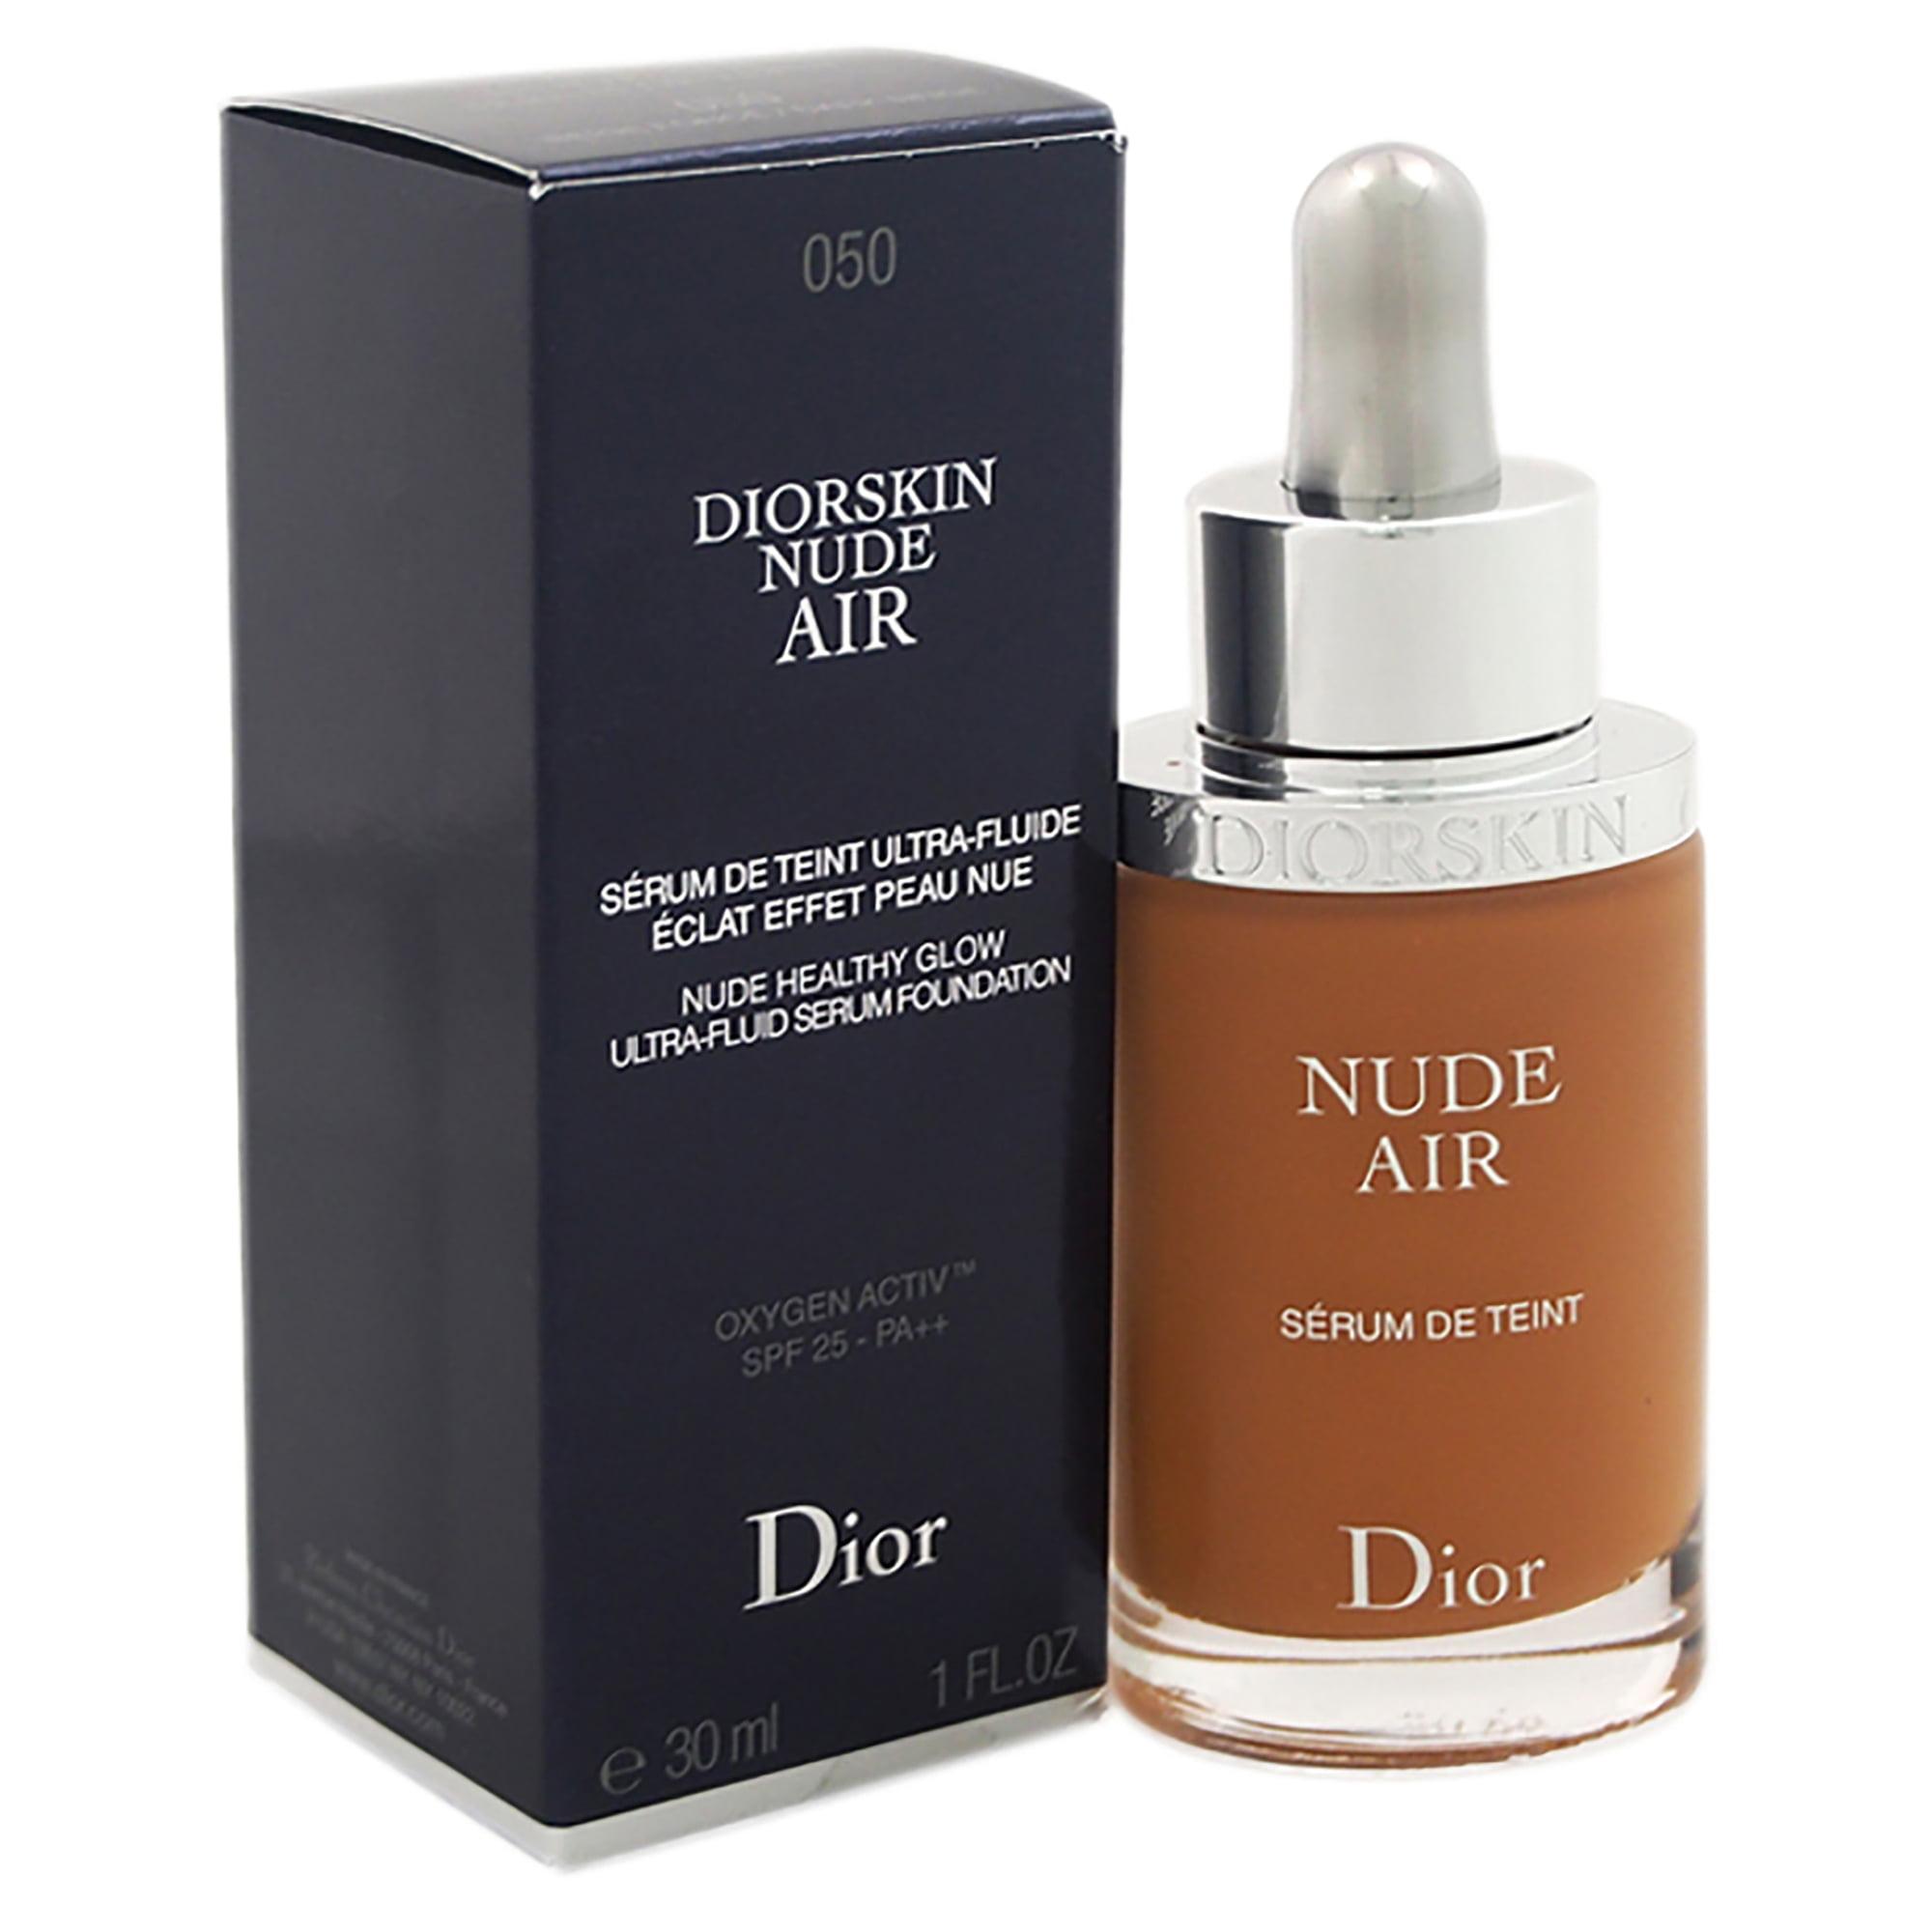 Dior Diorskin Nude Air Serum Foundation Nr. 050 Dark Beige